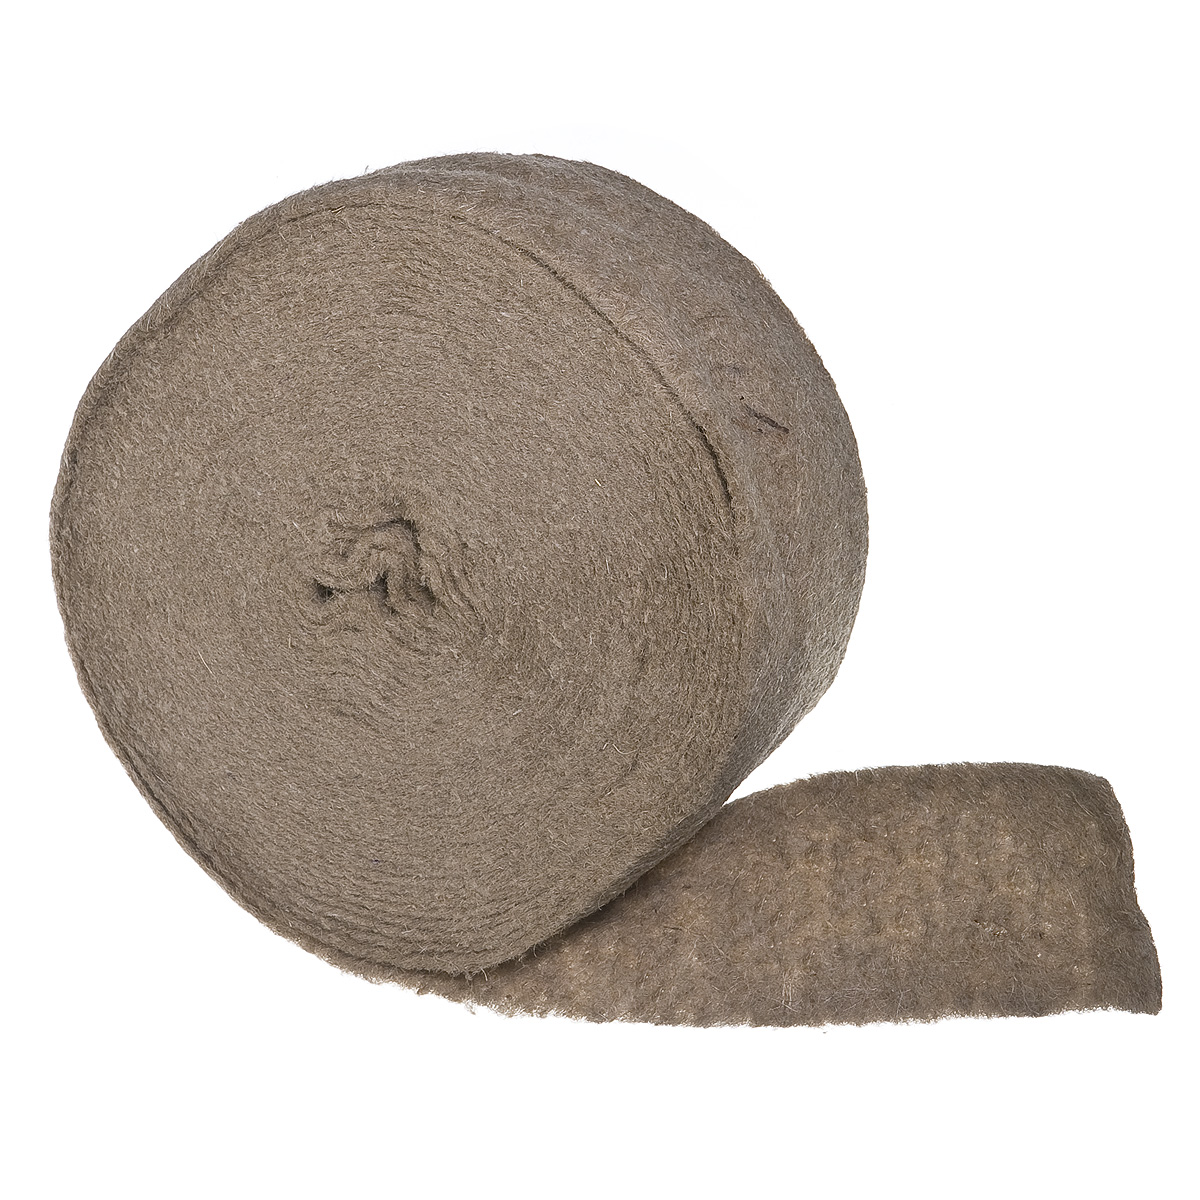 Утеплитель межвенцовый (уплотнитель) джутовый  4-6 мм 0,1х20 м